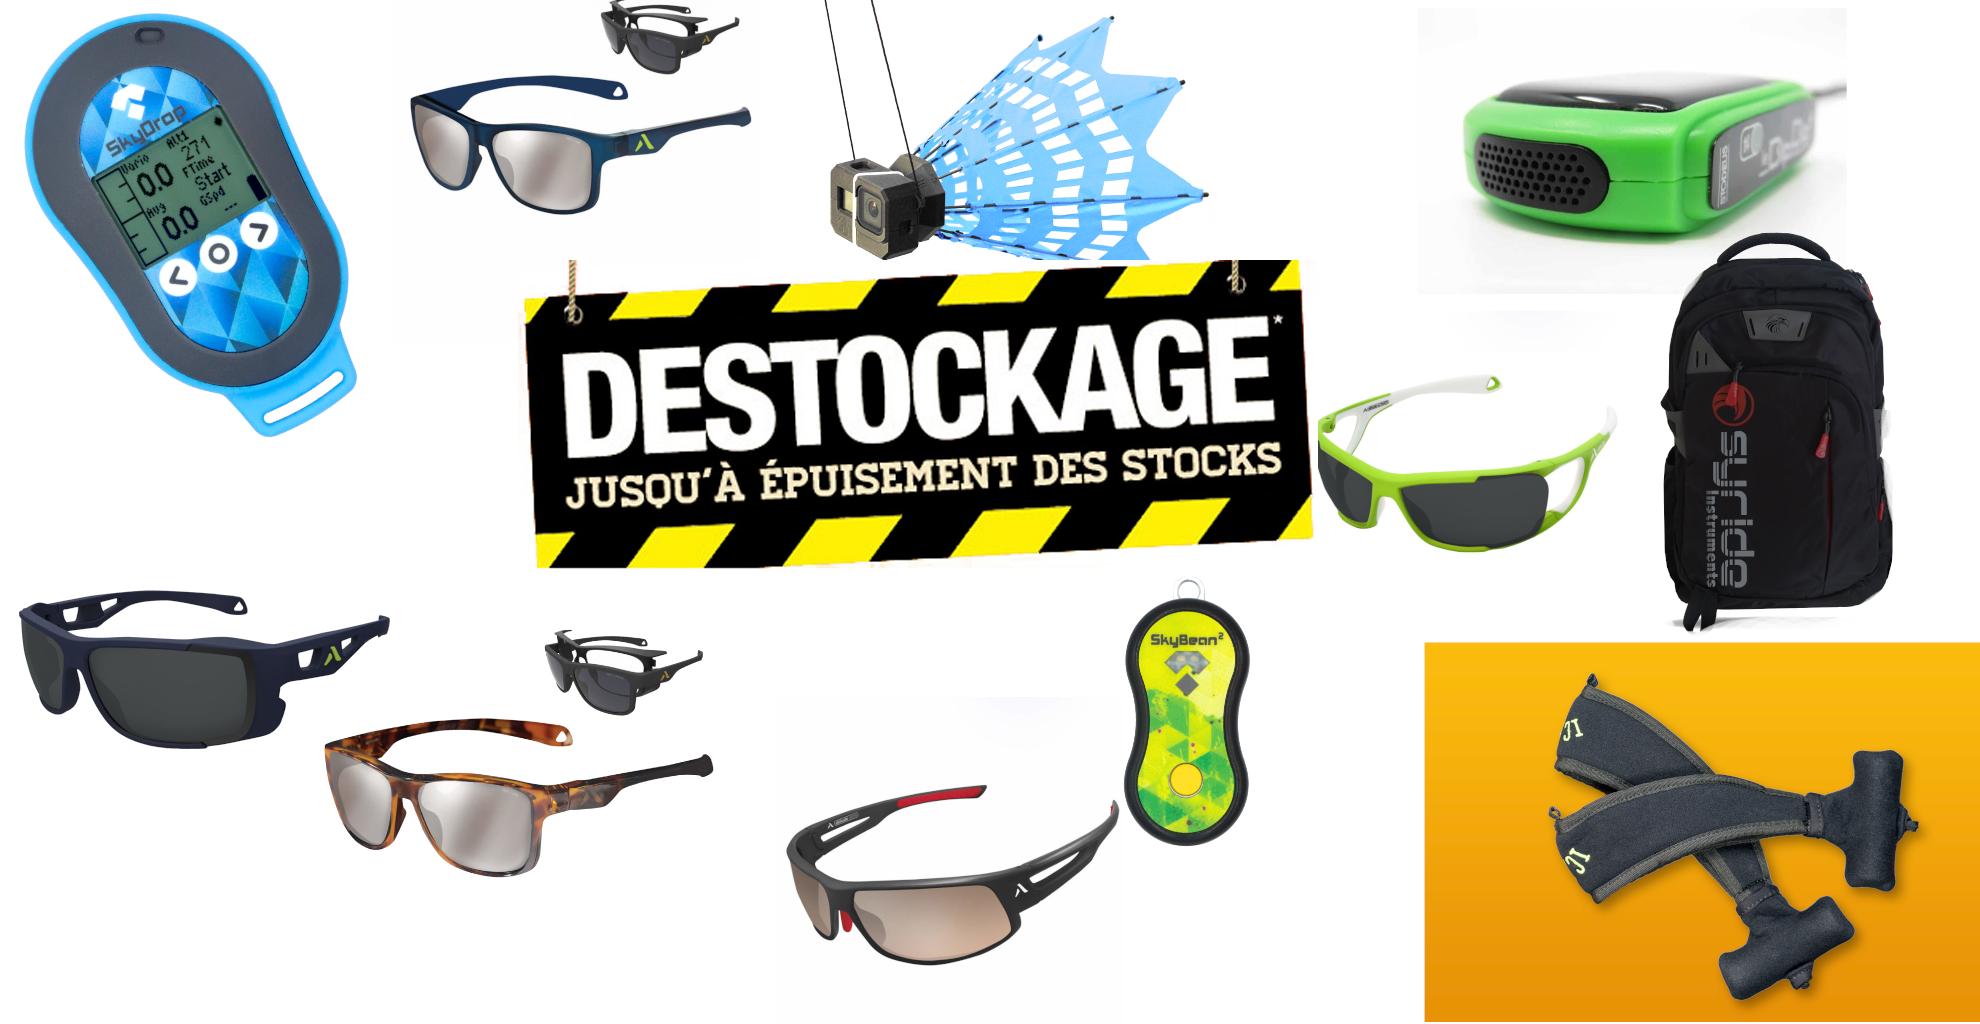 DESTOCKAGE DE DEBUT D'ANNEE